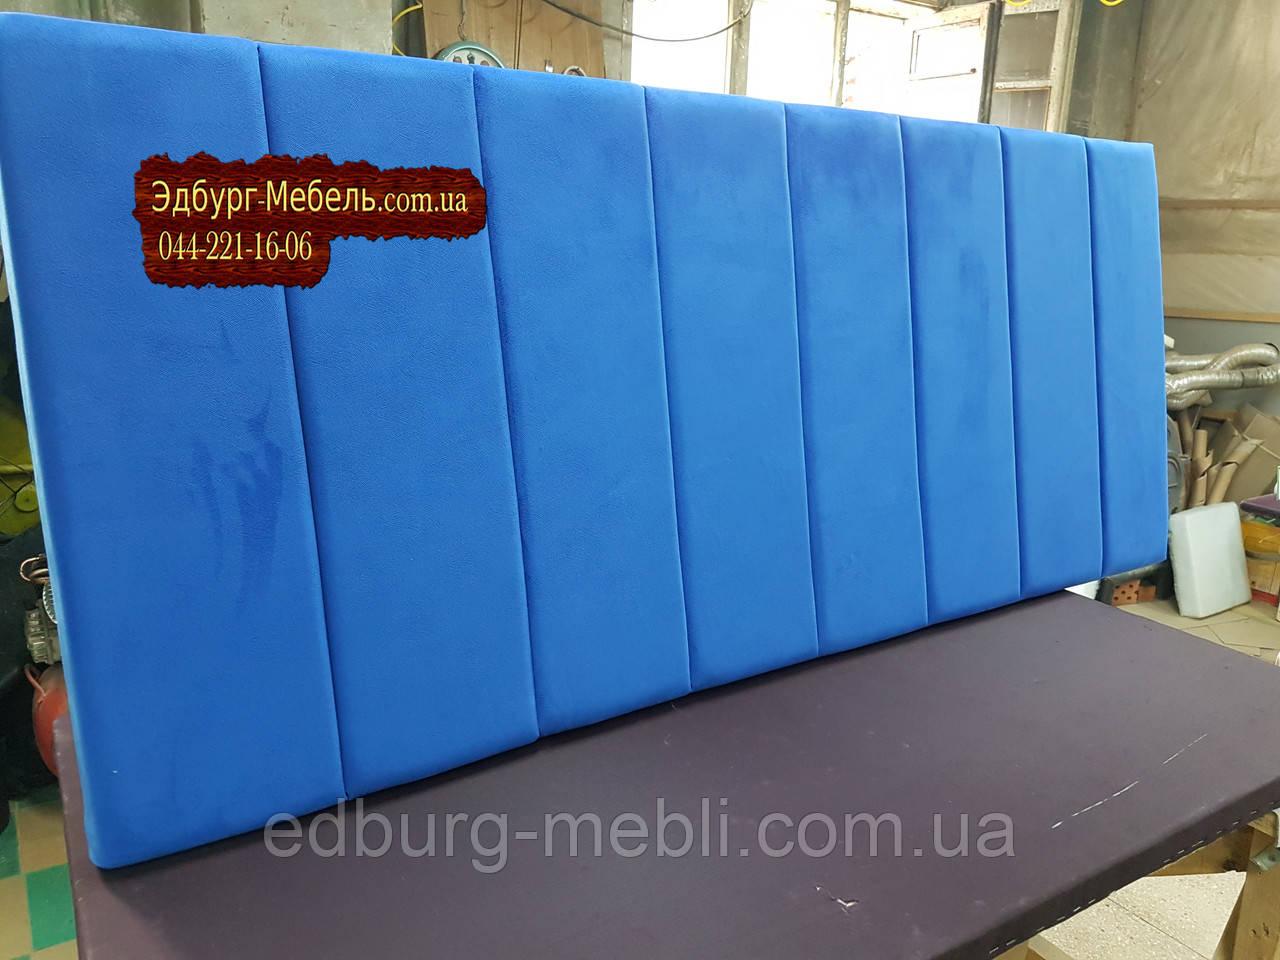 М'які узголів'я для ліжка, м'які панелі стінові панелі на замовлення